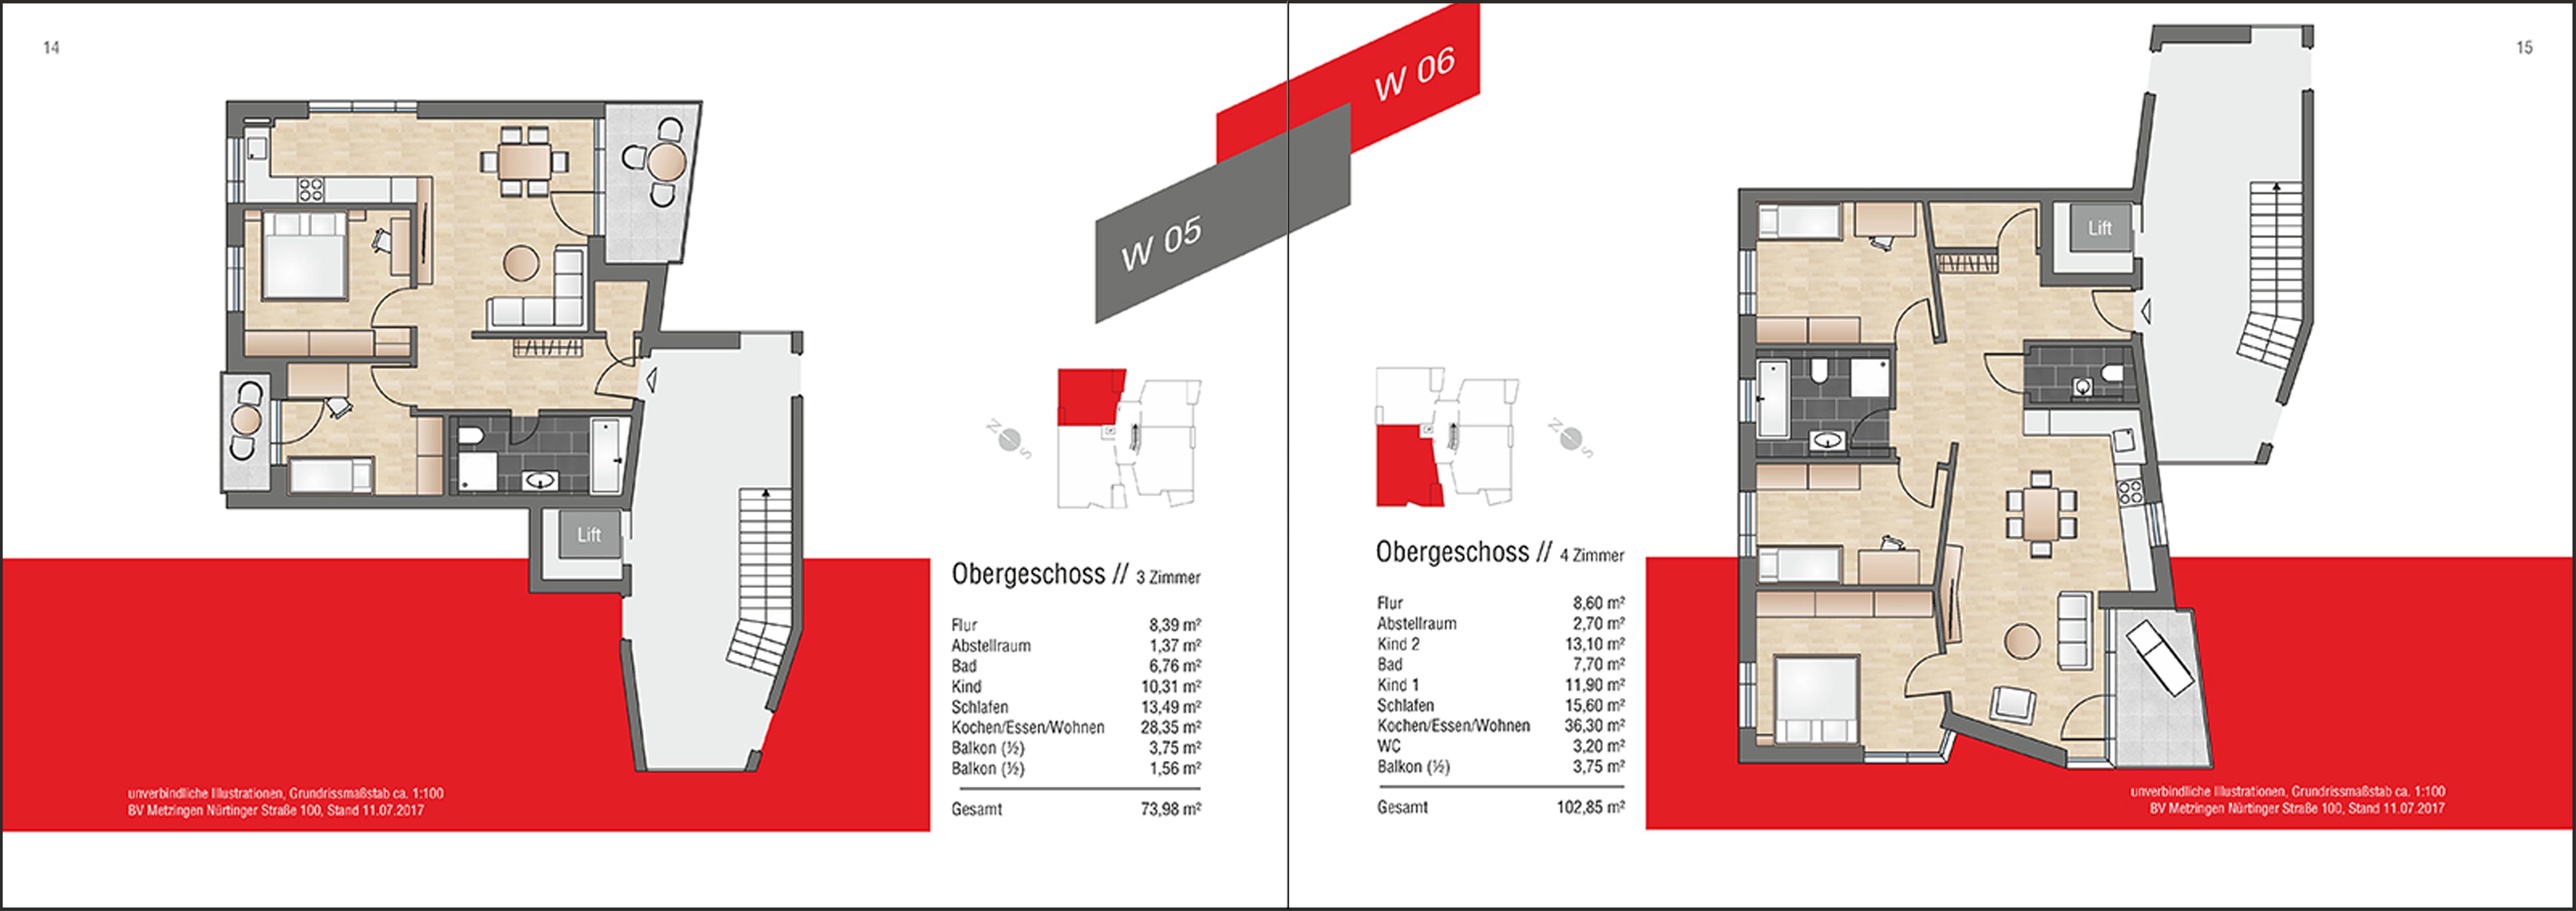 Englert-Wohnbau_BV-Metzingen-Nuertinger-Straße-Seite-14-15